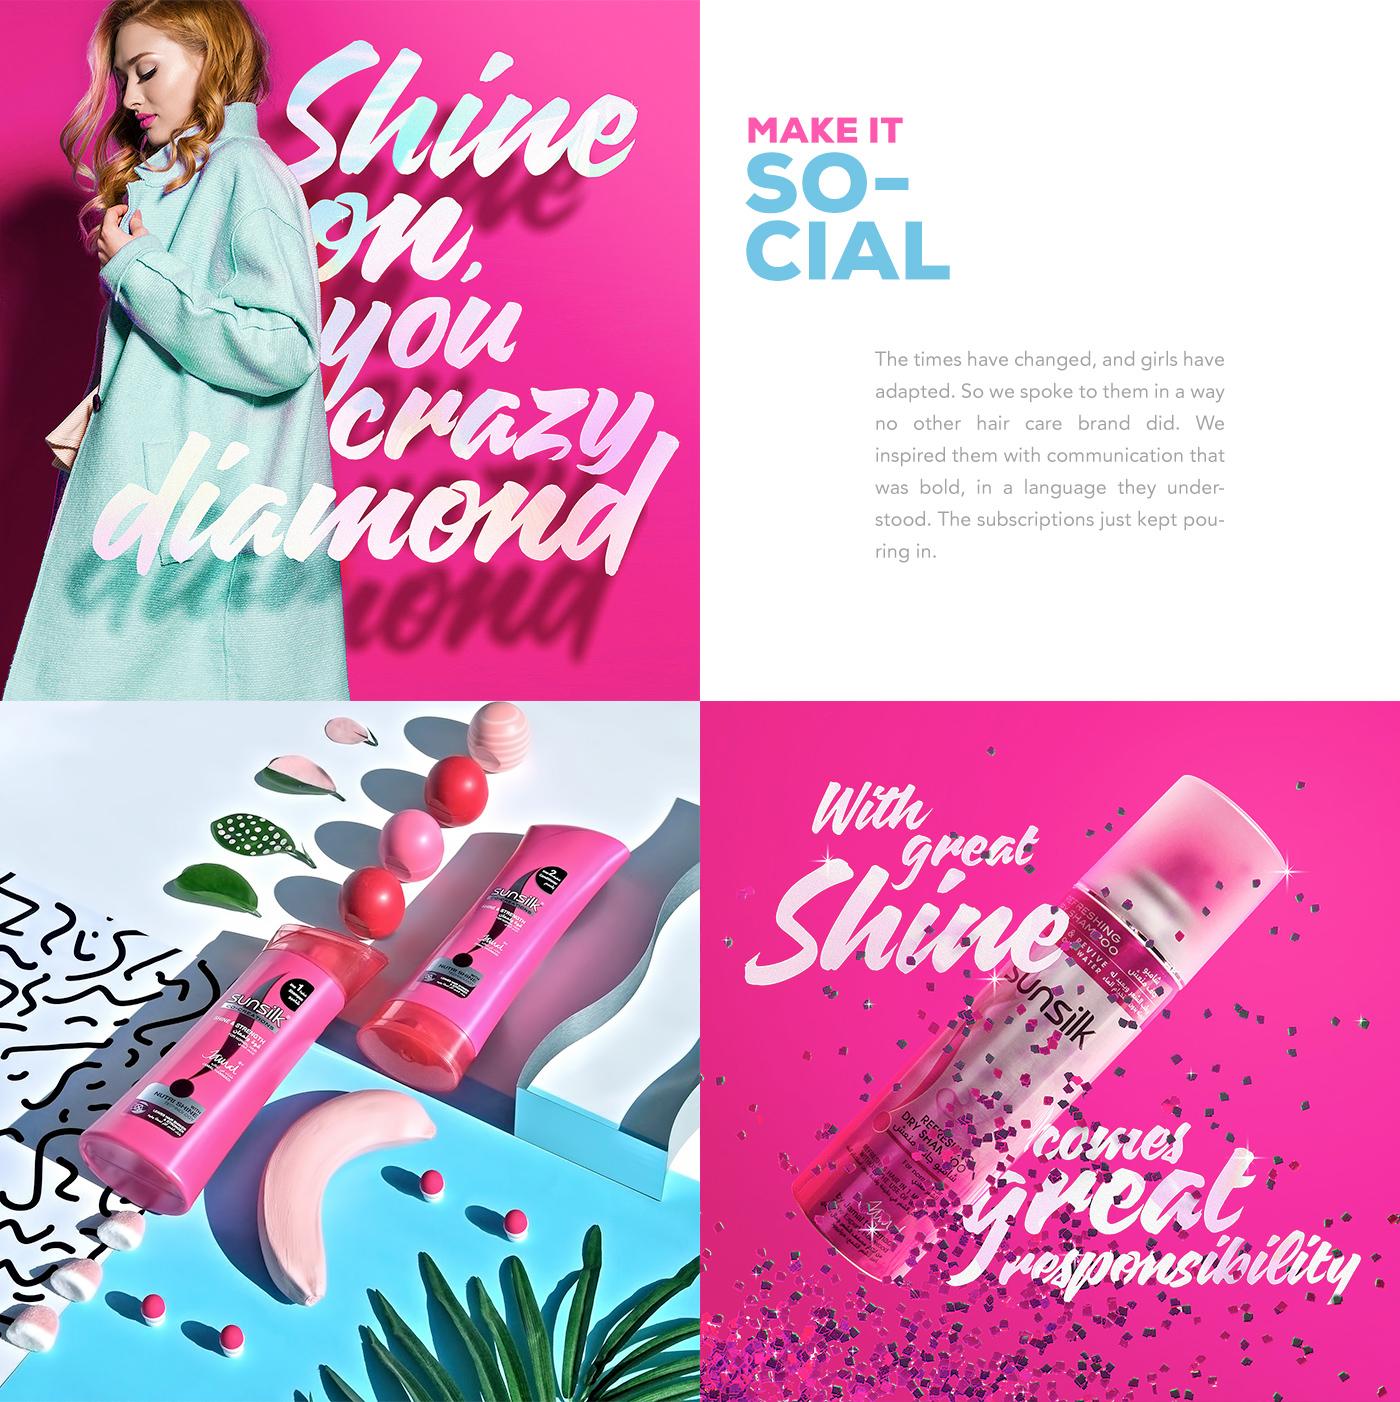 shooting Photography  still life pink Sunsilk arabia dubai social media instagram sedal